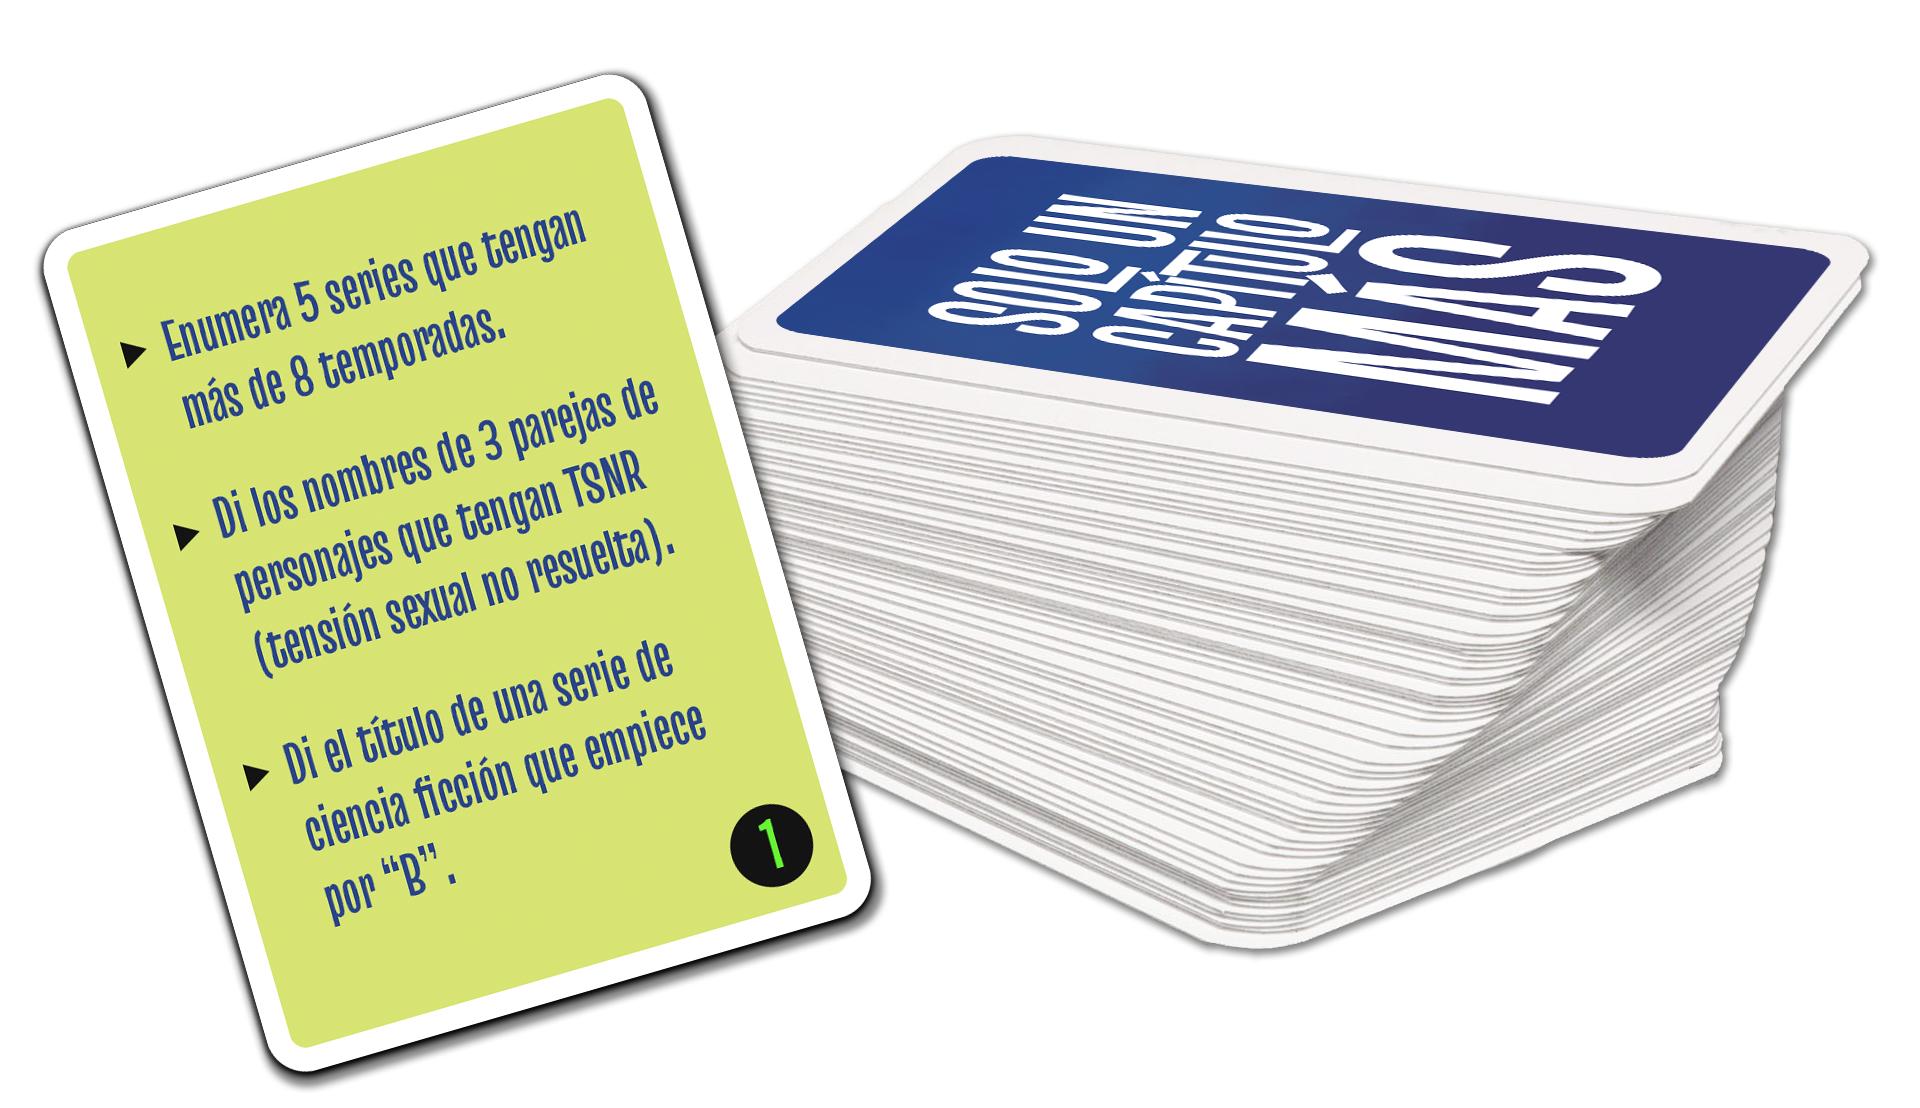 Solo un capítulo más: el juego de cartas, en verkami